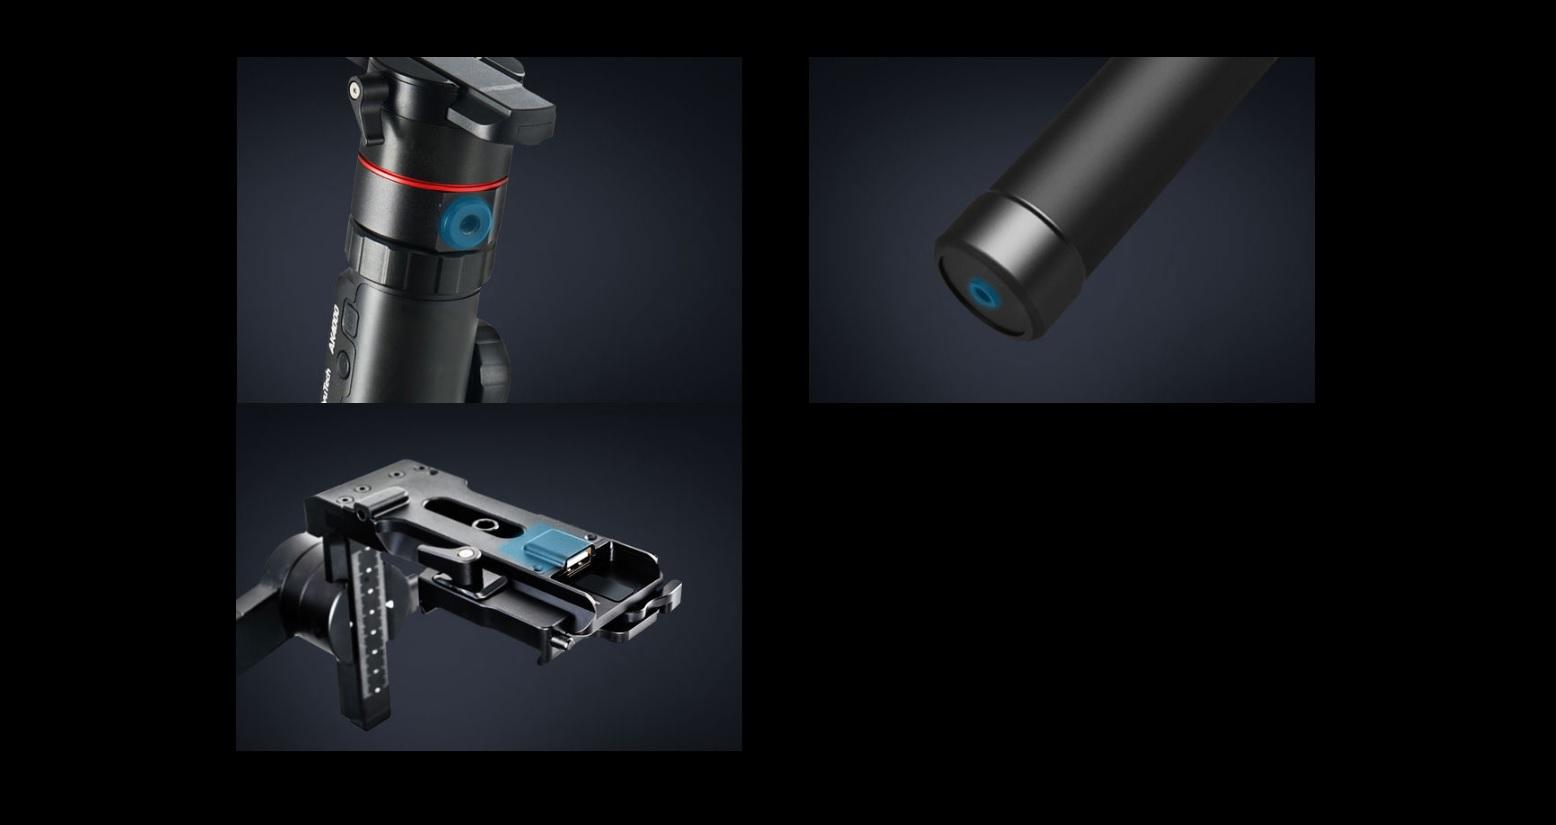 mdronpl-stabilizator-gimbal-feiyutech-ak4000-11.jpg